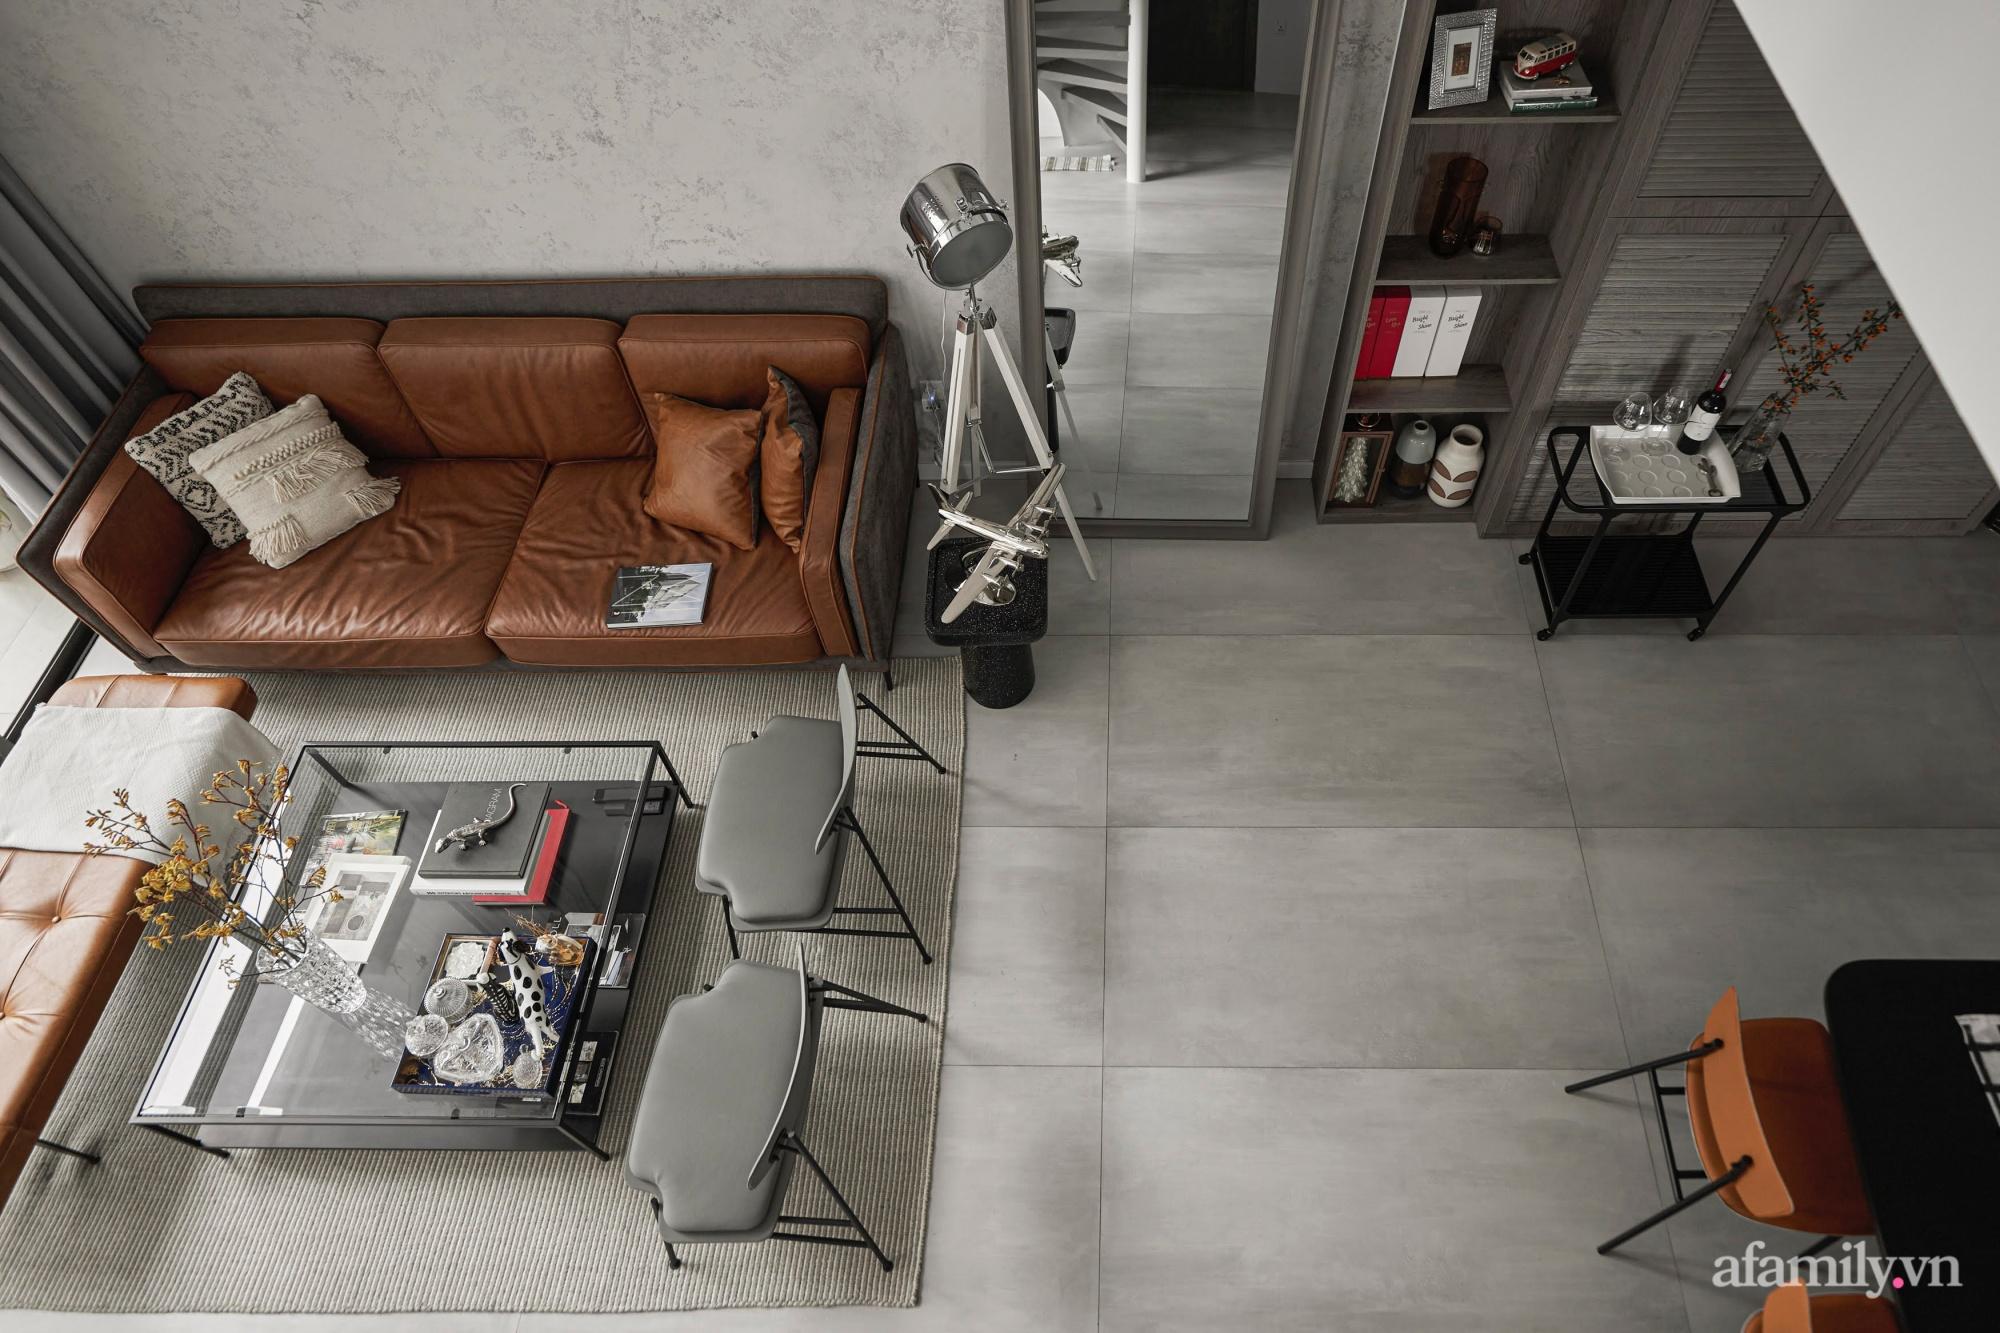 Căn hộ 2 tầng rộng 145m² đẹp sang trọng với điểm nhấn mộc mạc từ chất liệu bê tông ở Sài Gòn - Ảnh 5.